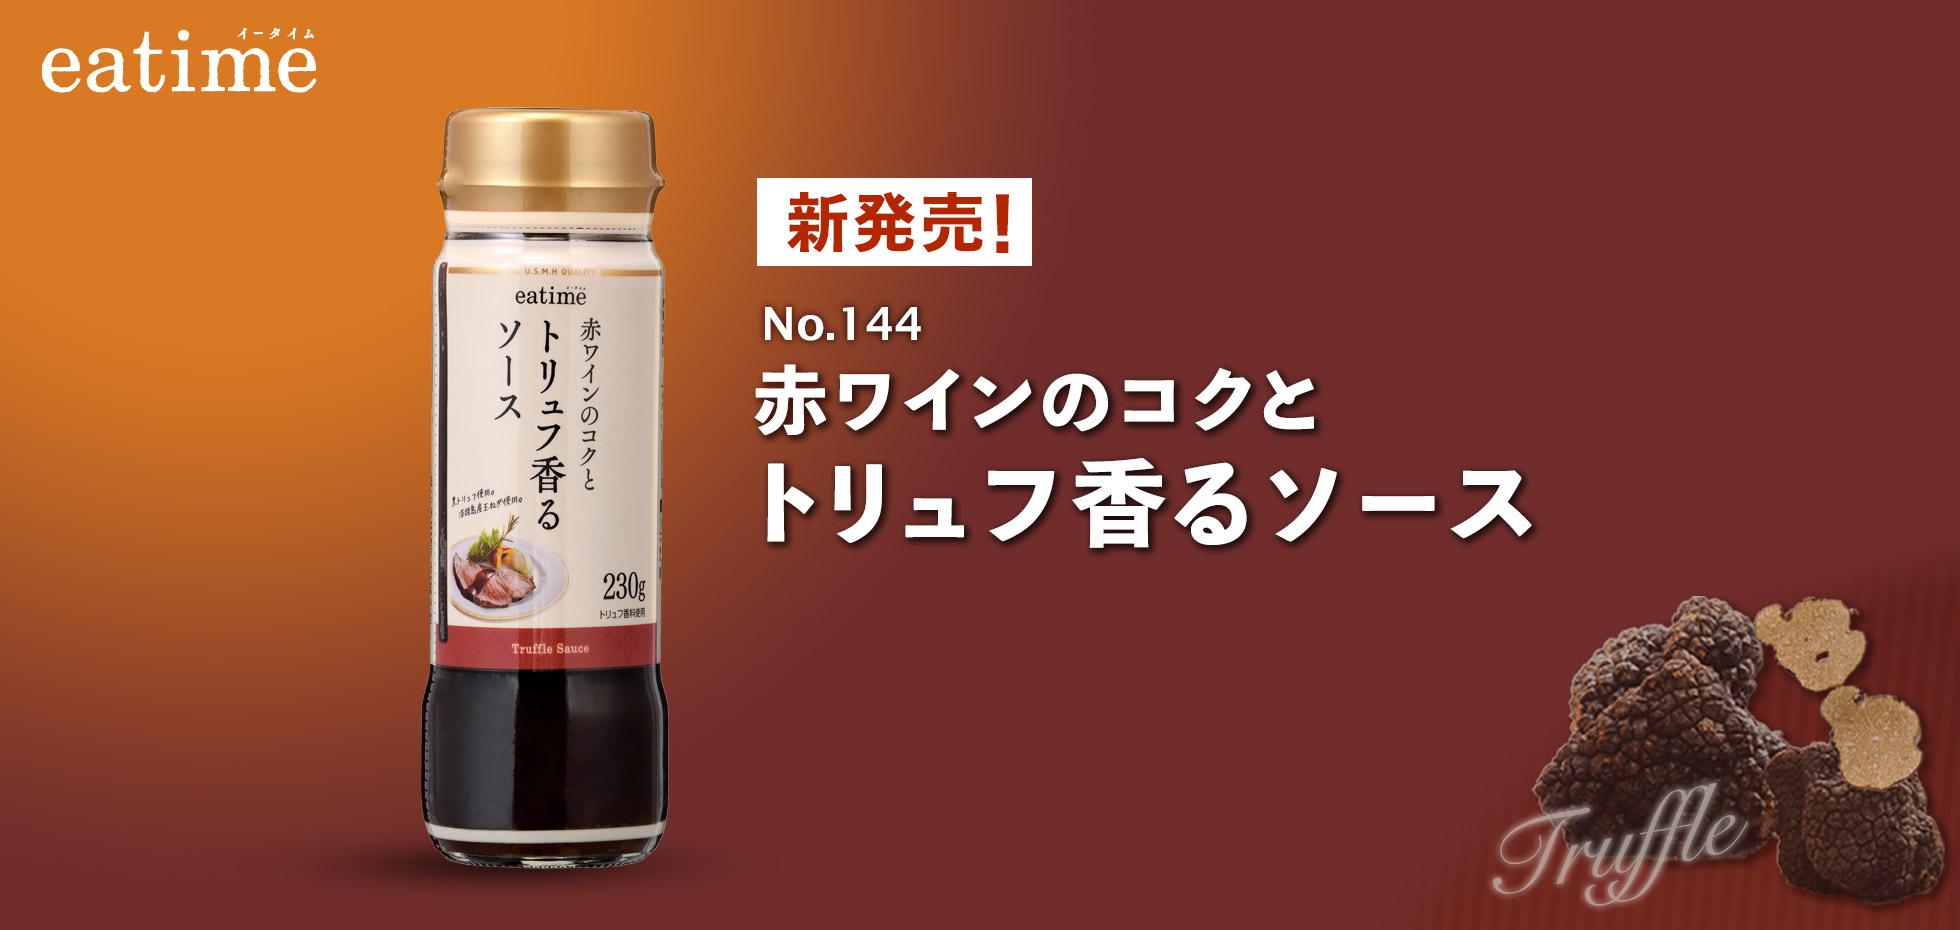 新発売!赤ワインのコクとトリュフ香るソース